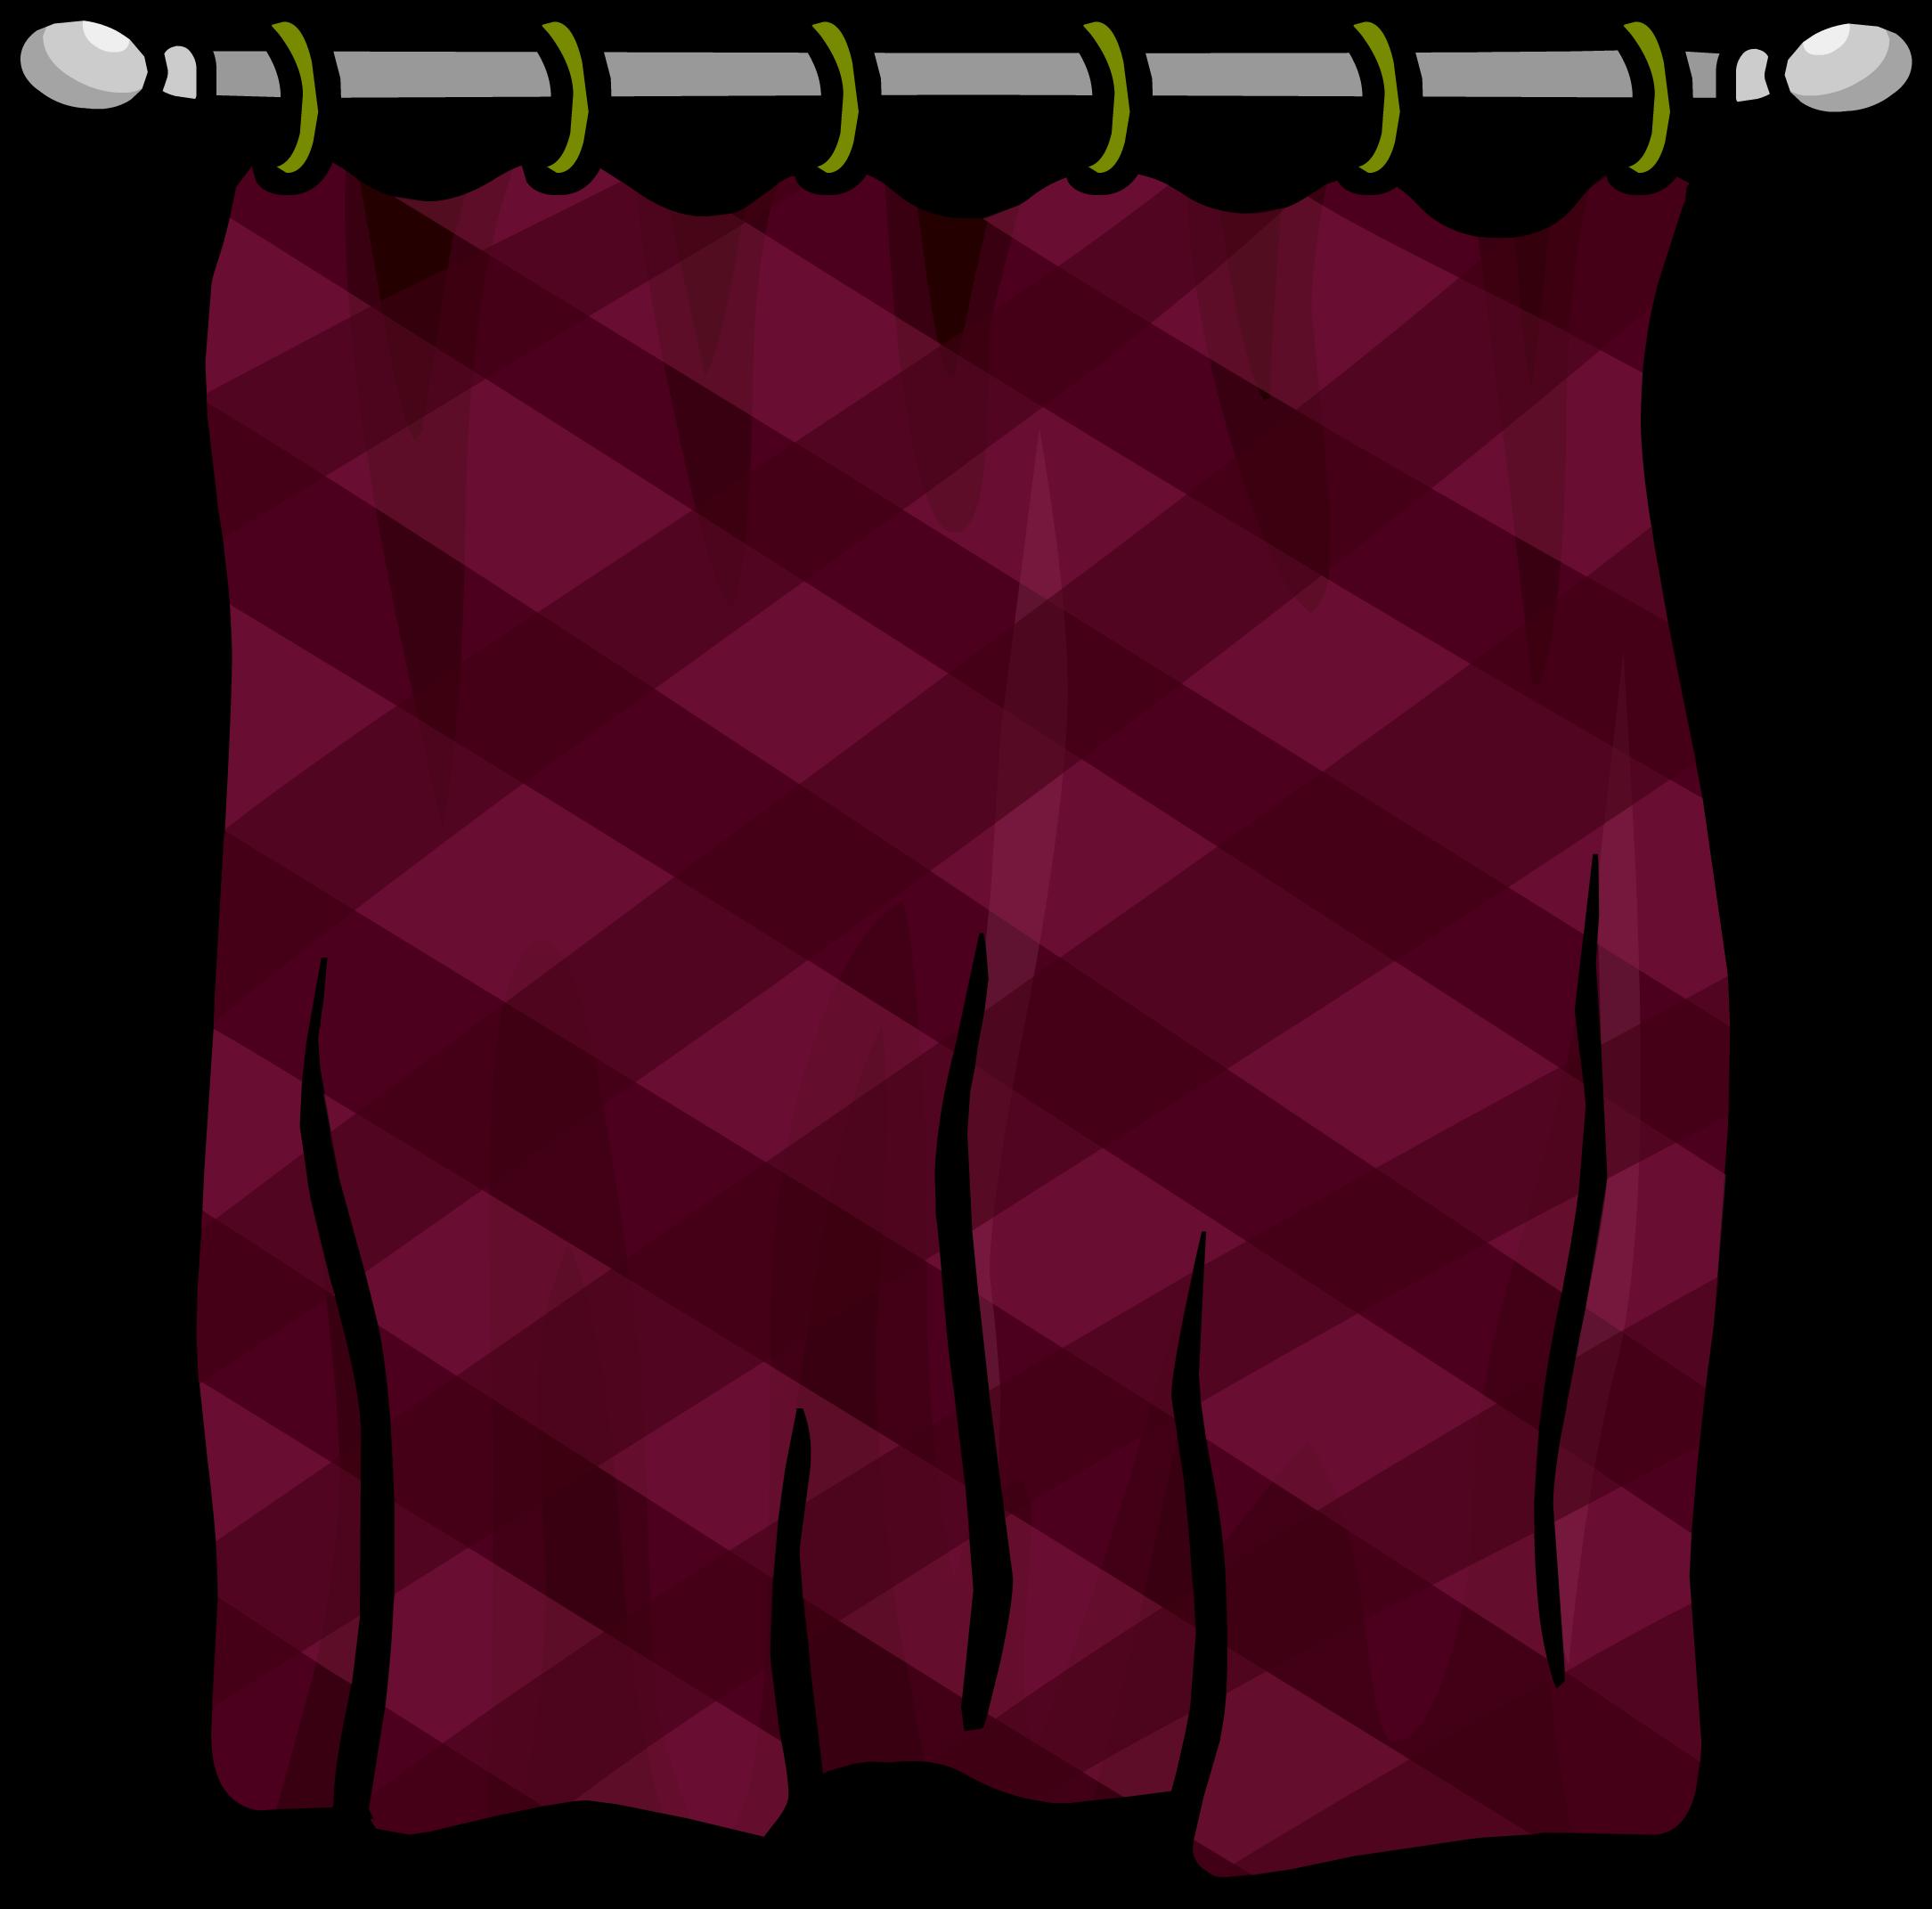 Burgundy Curtains Club Penguin Rewritten Wiki Fandom